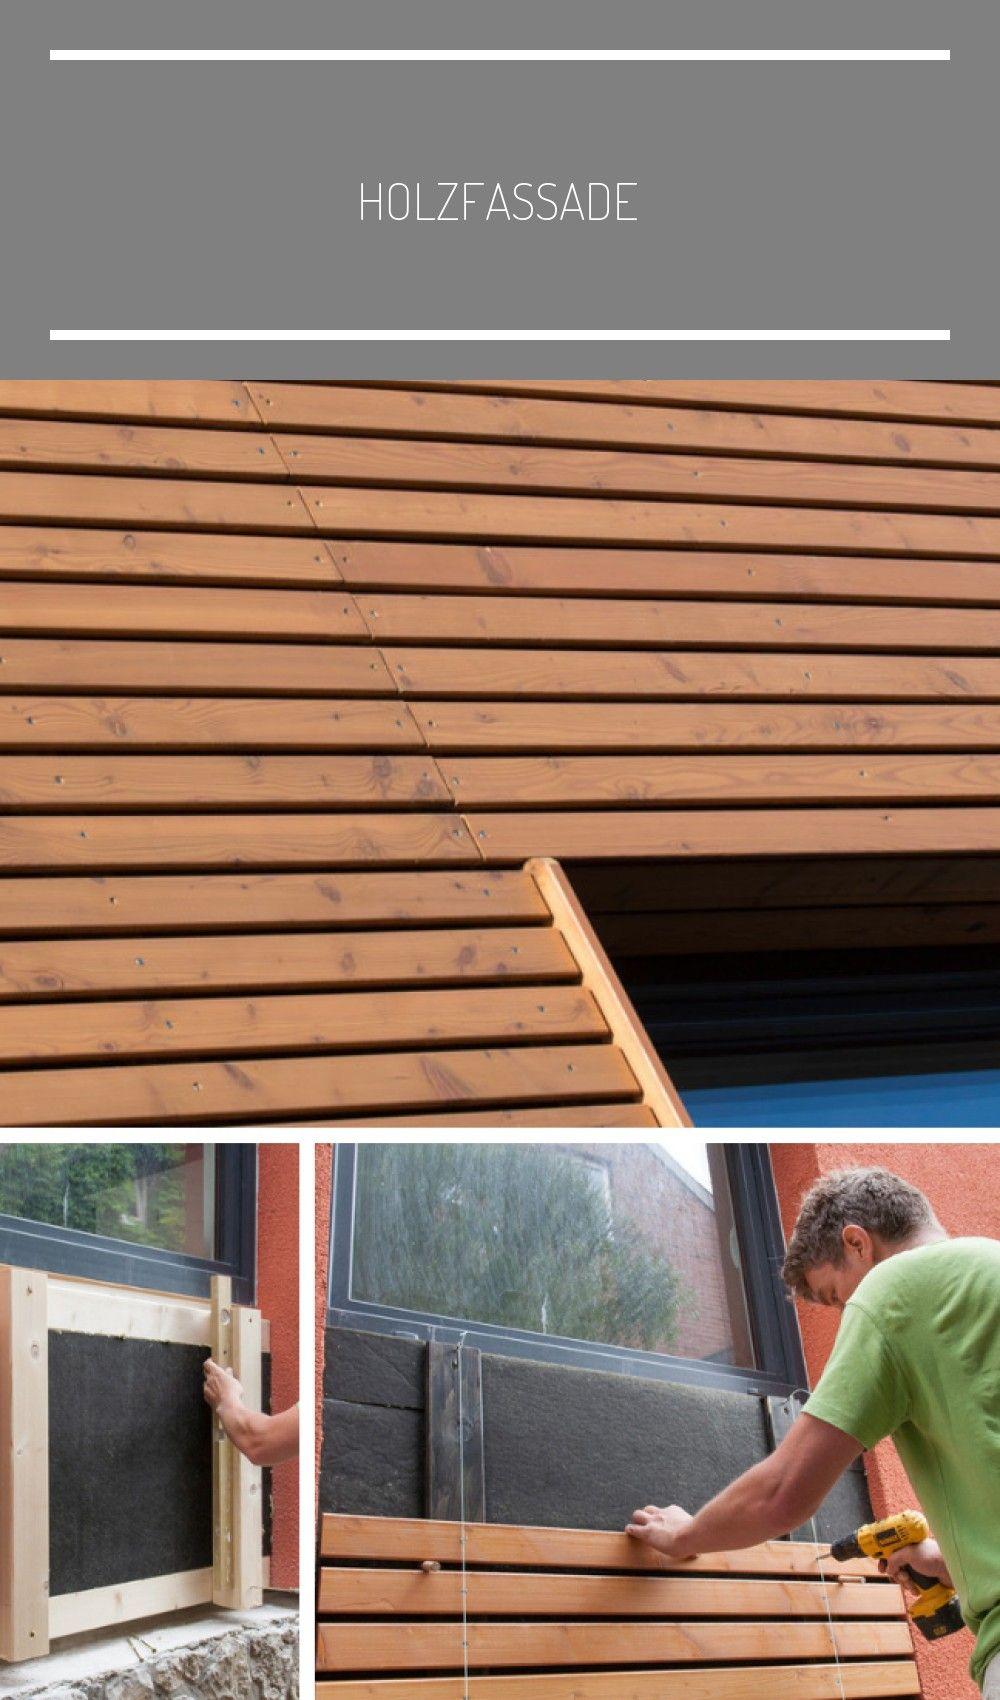 Holzfassade In 2020 Gevel Houten Gevelbekleding Gevelbekleding